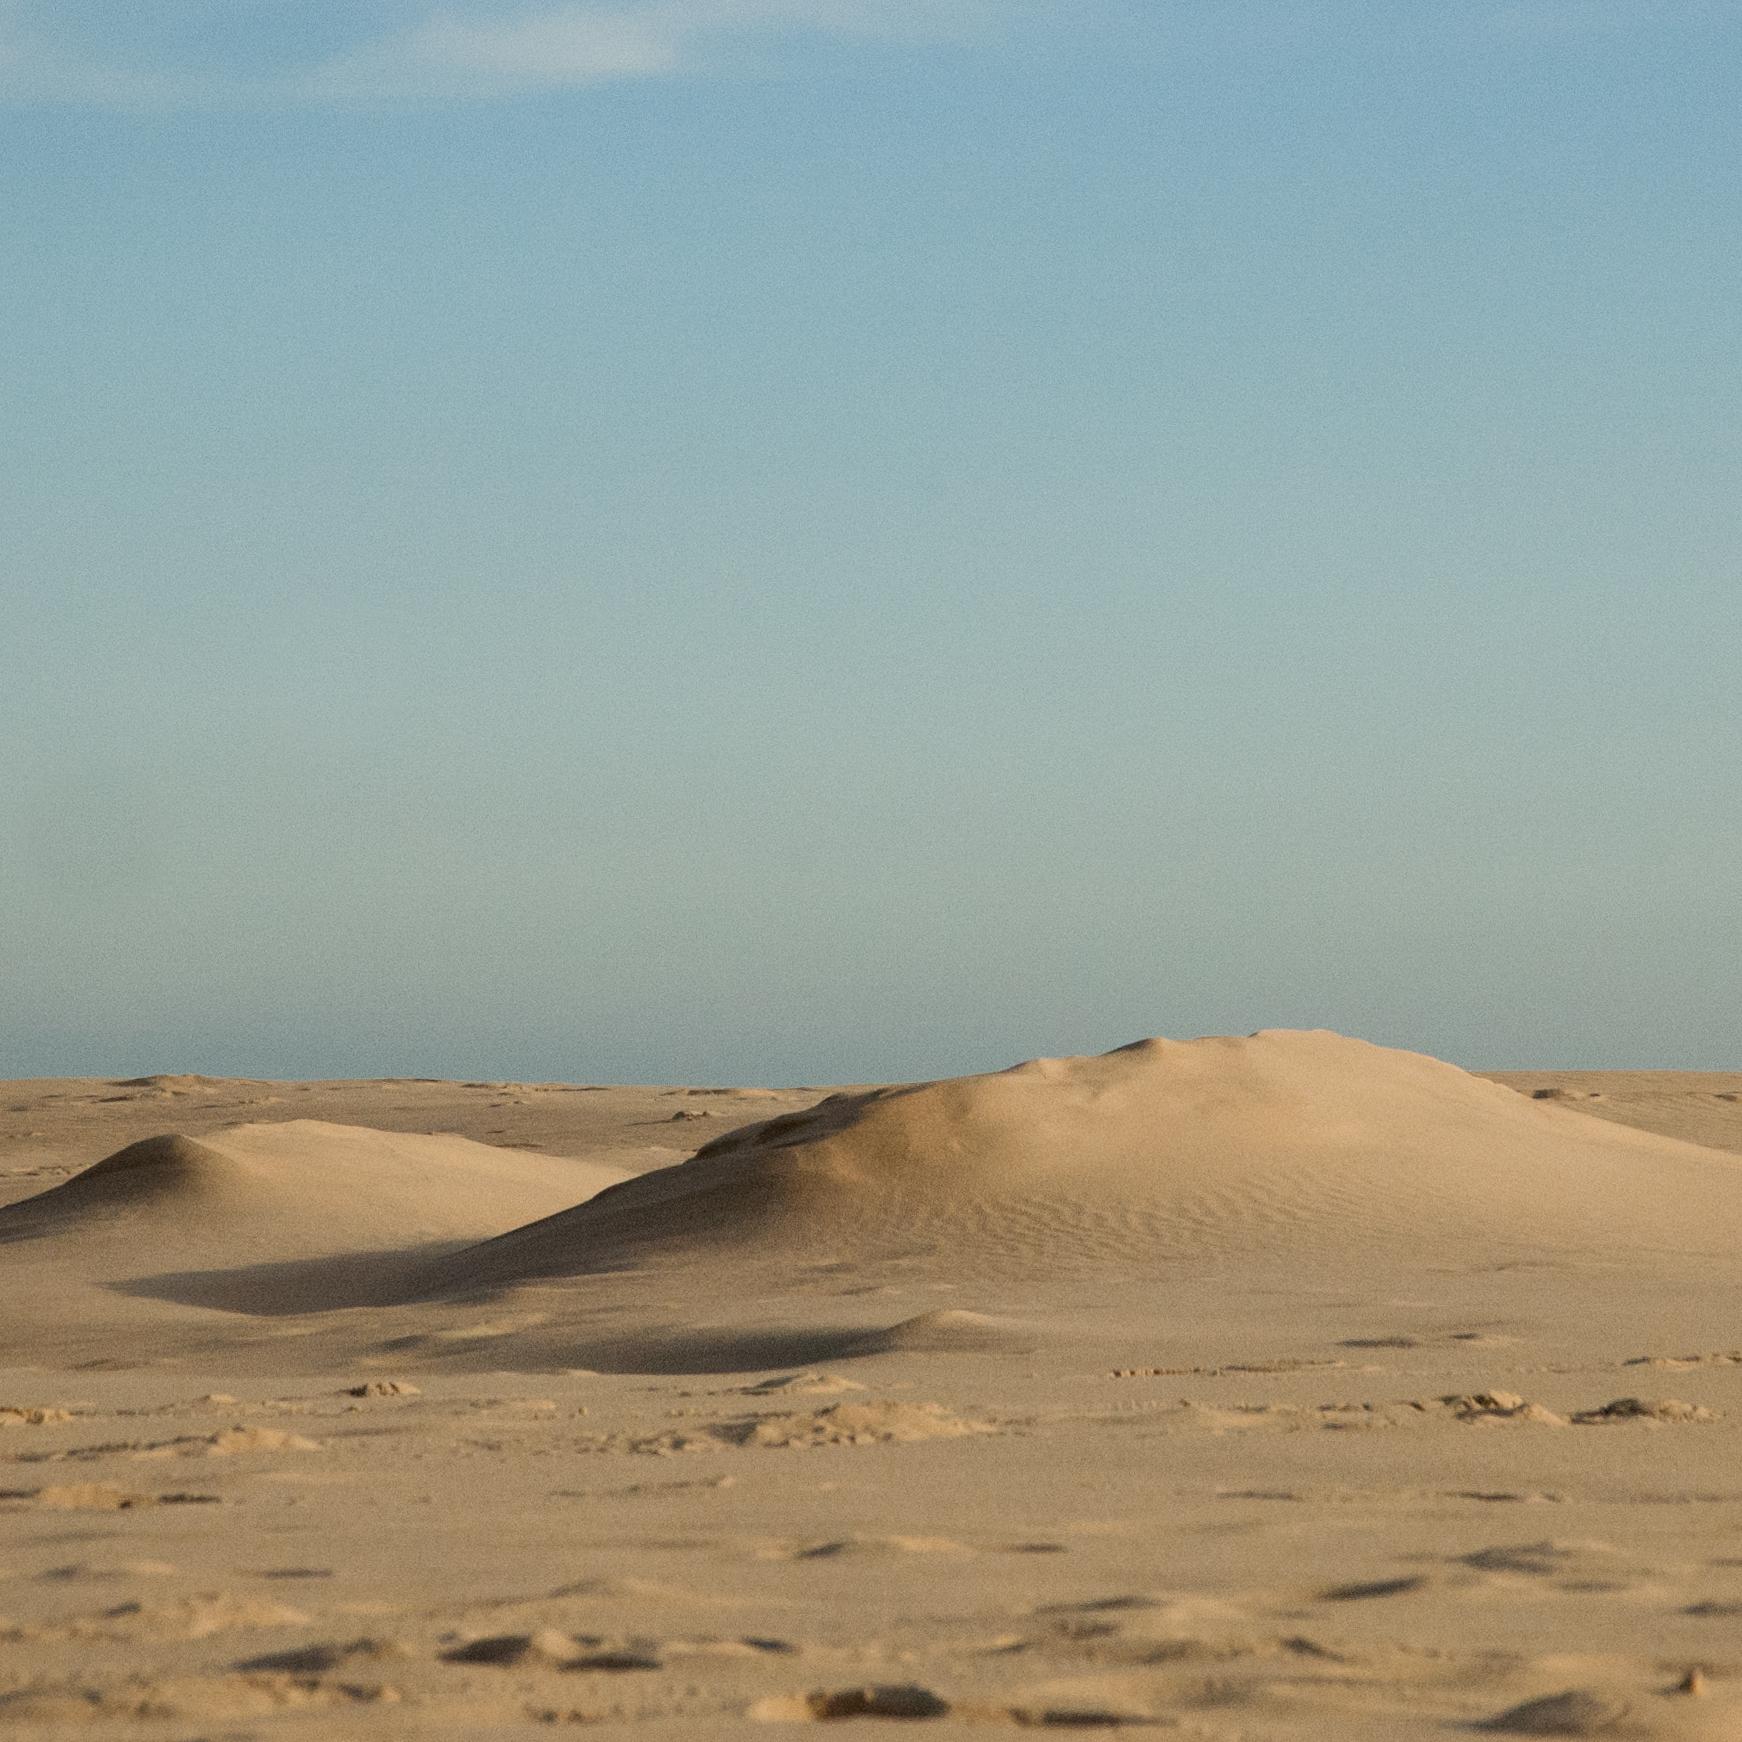 paisaje_duna (9)